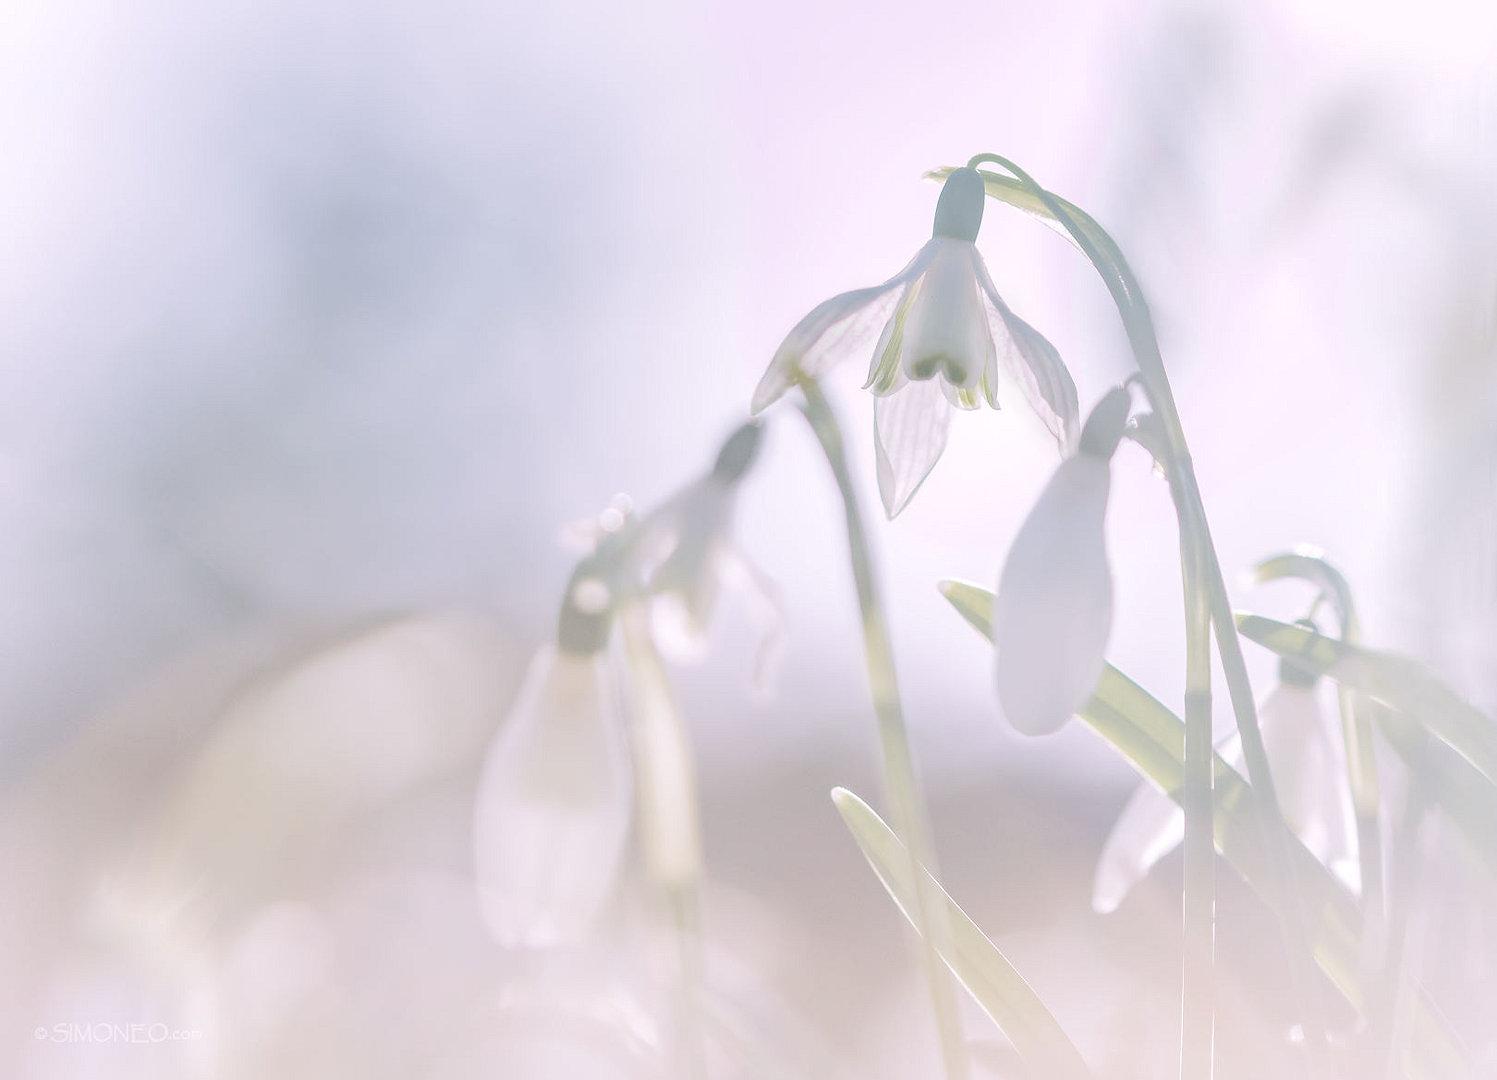 sneeuwklokjes-ilpendam